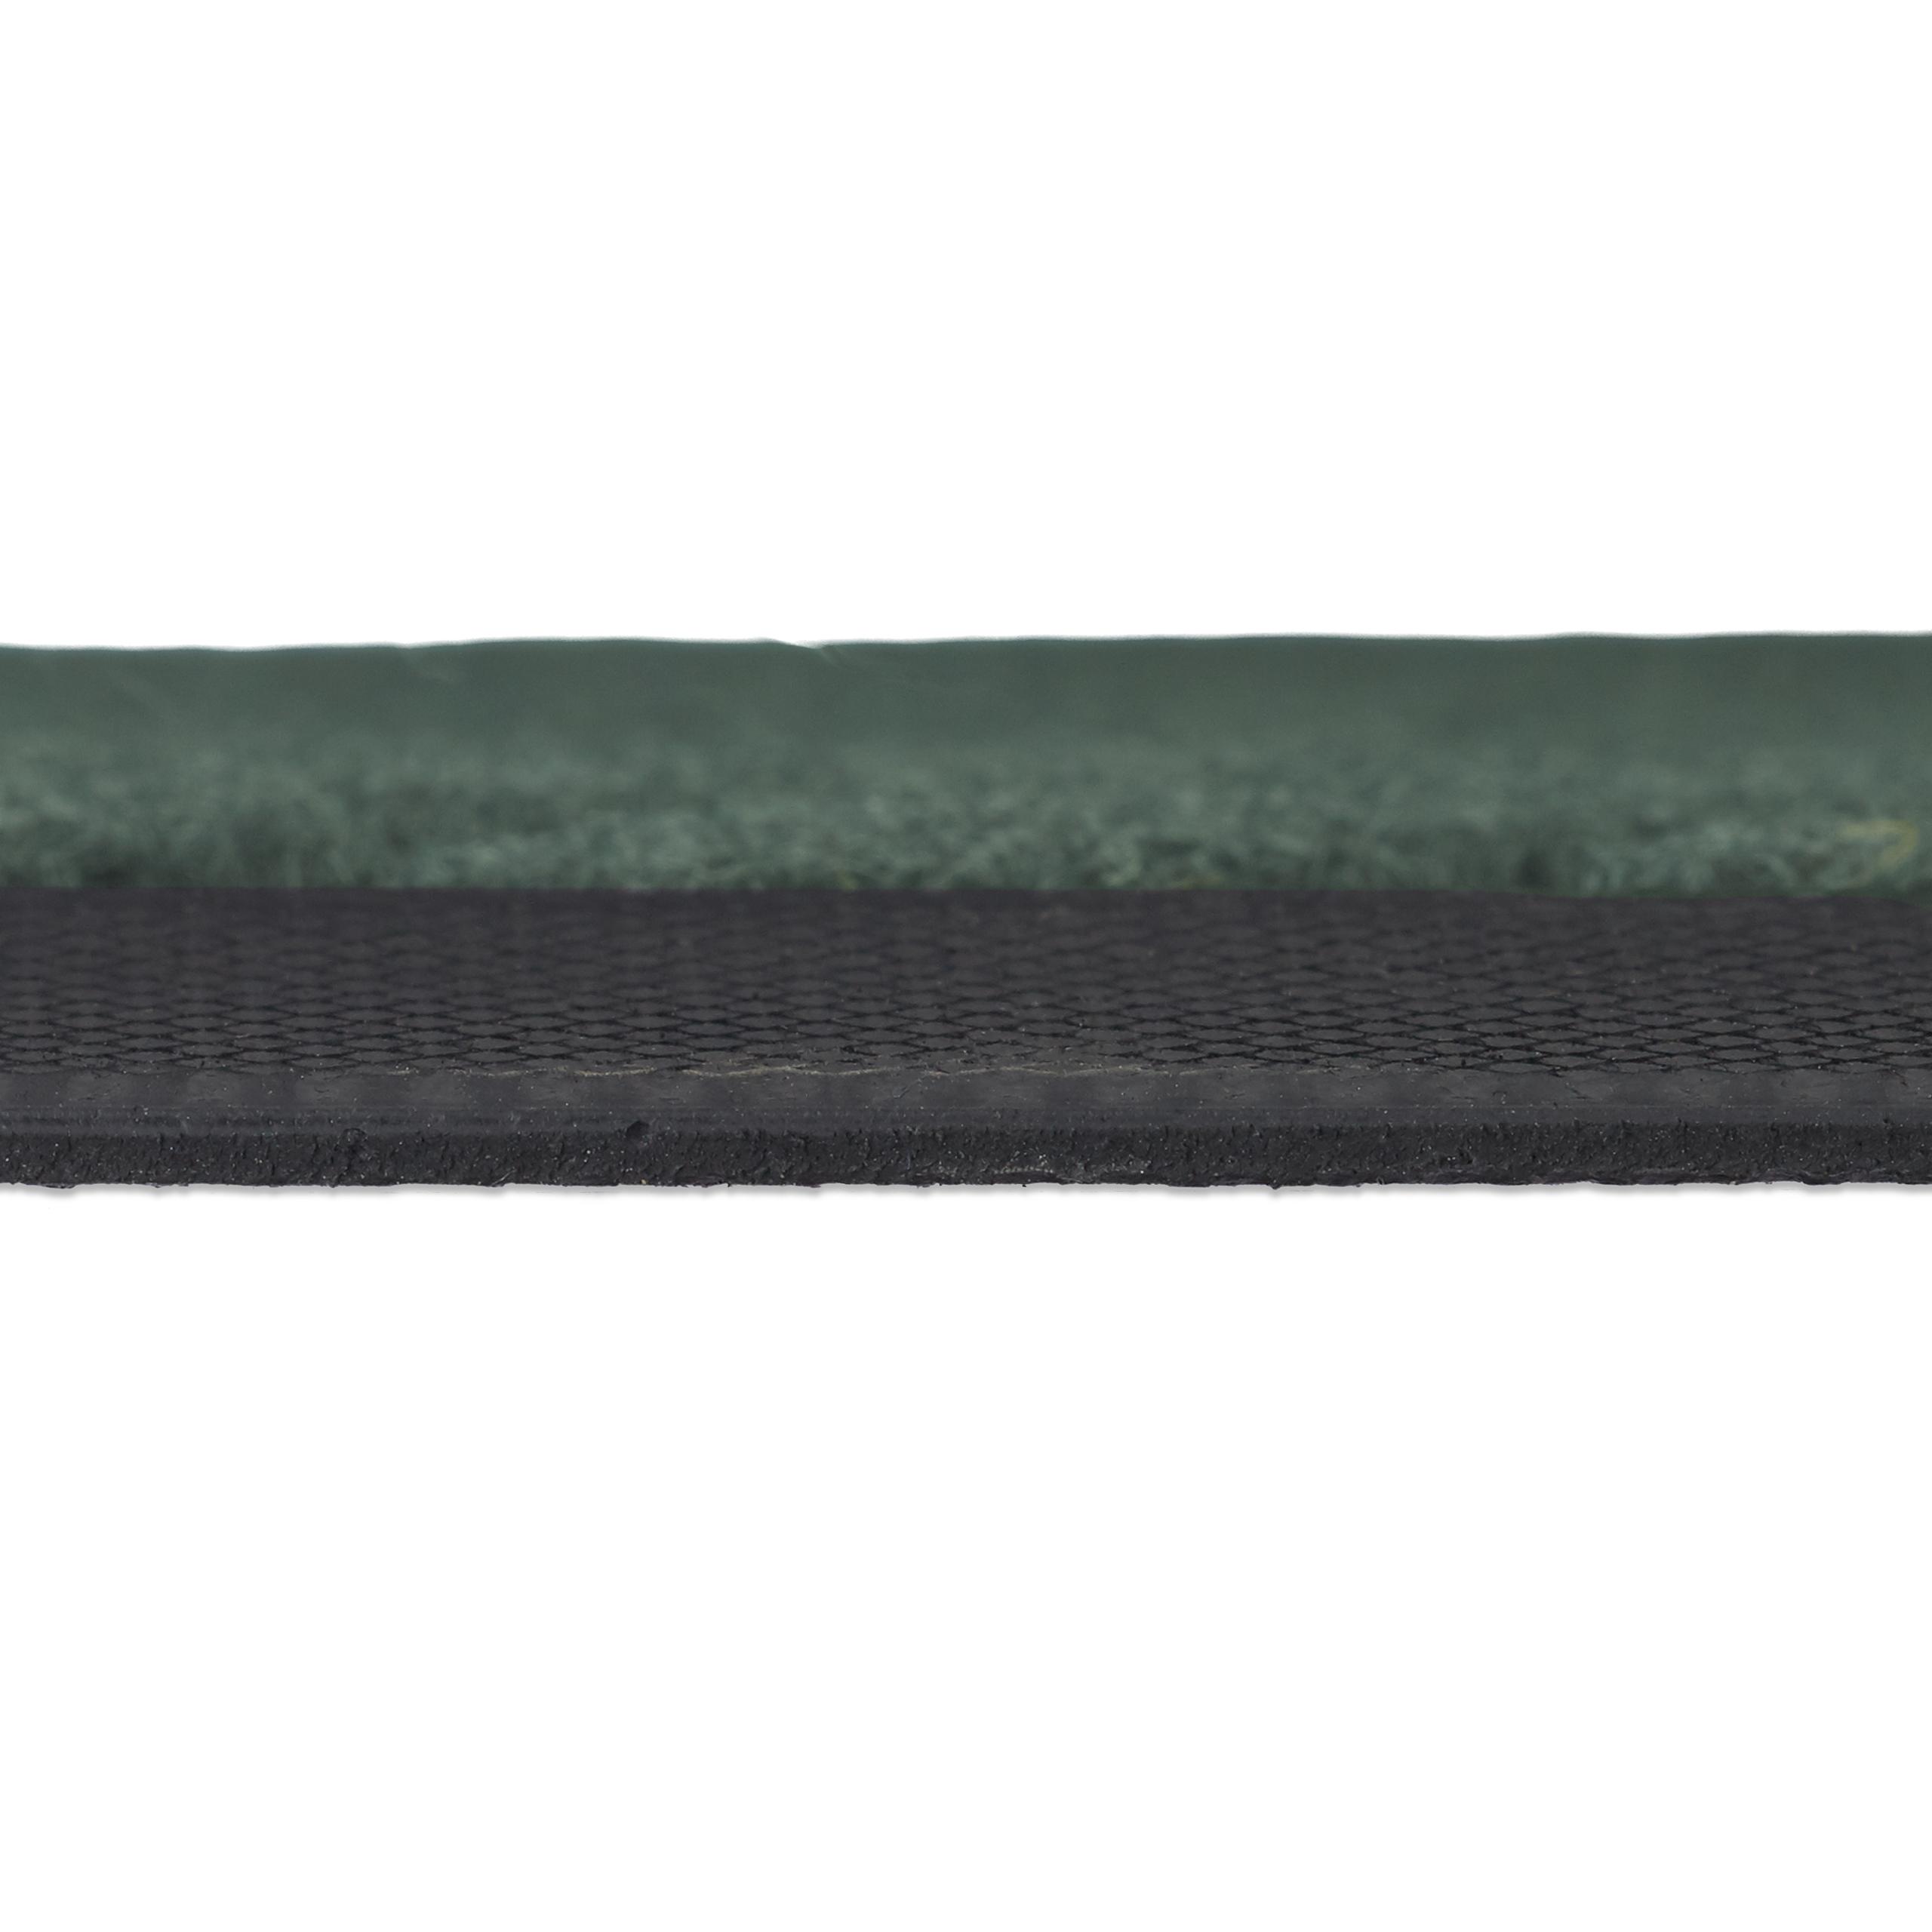 Tappetino-in-gomma-esterno-turmatte-Tappetino-Para-spruzzi-cattura-sporco-tappetino-in-gomma